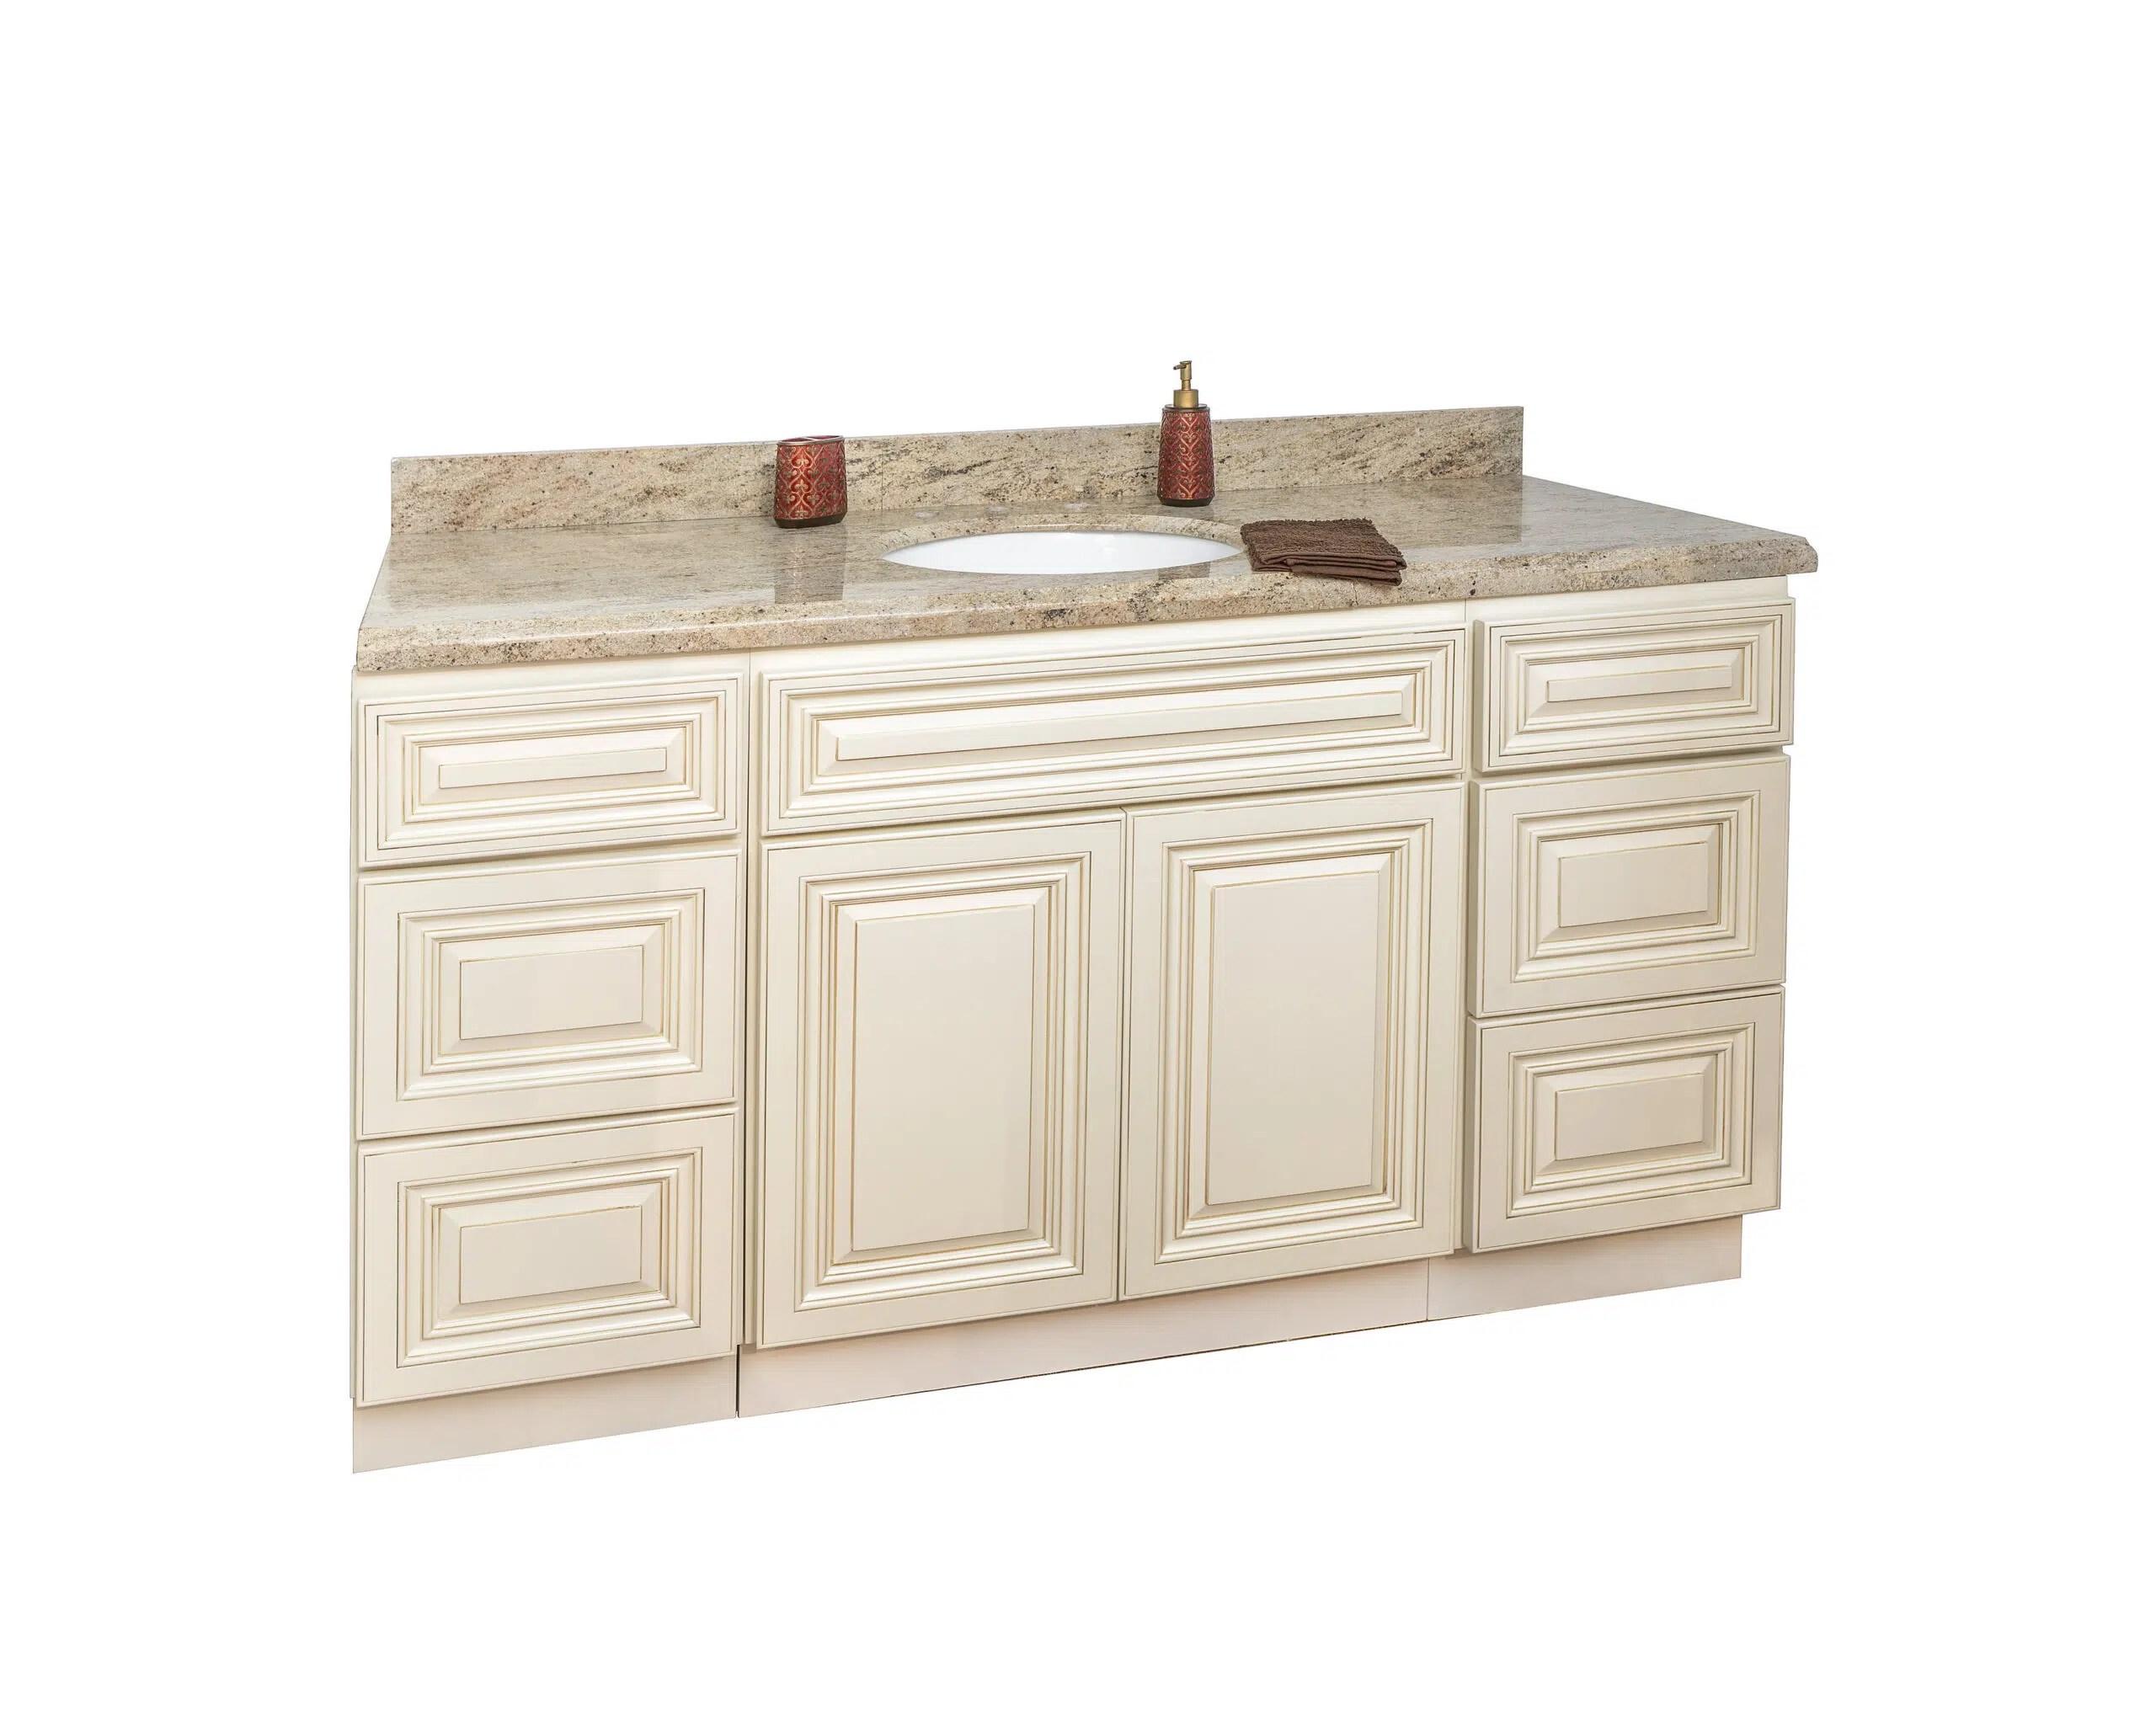 Best Wholesale Bathroom Vanities in San Diego  Blog